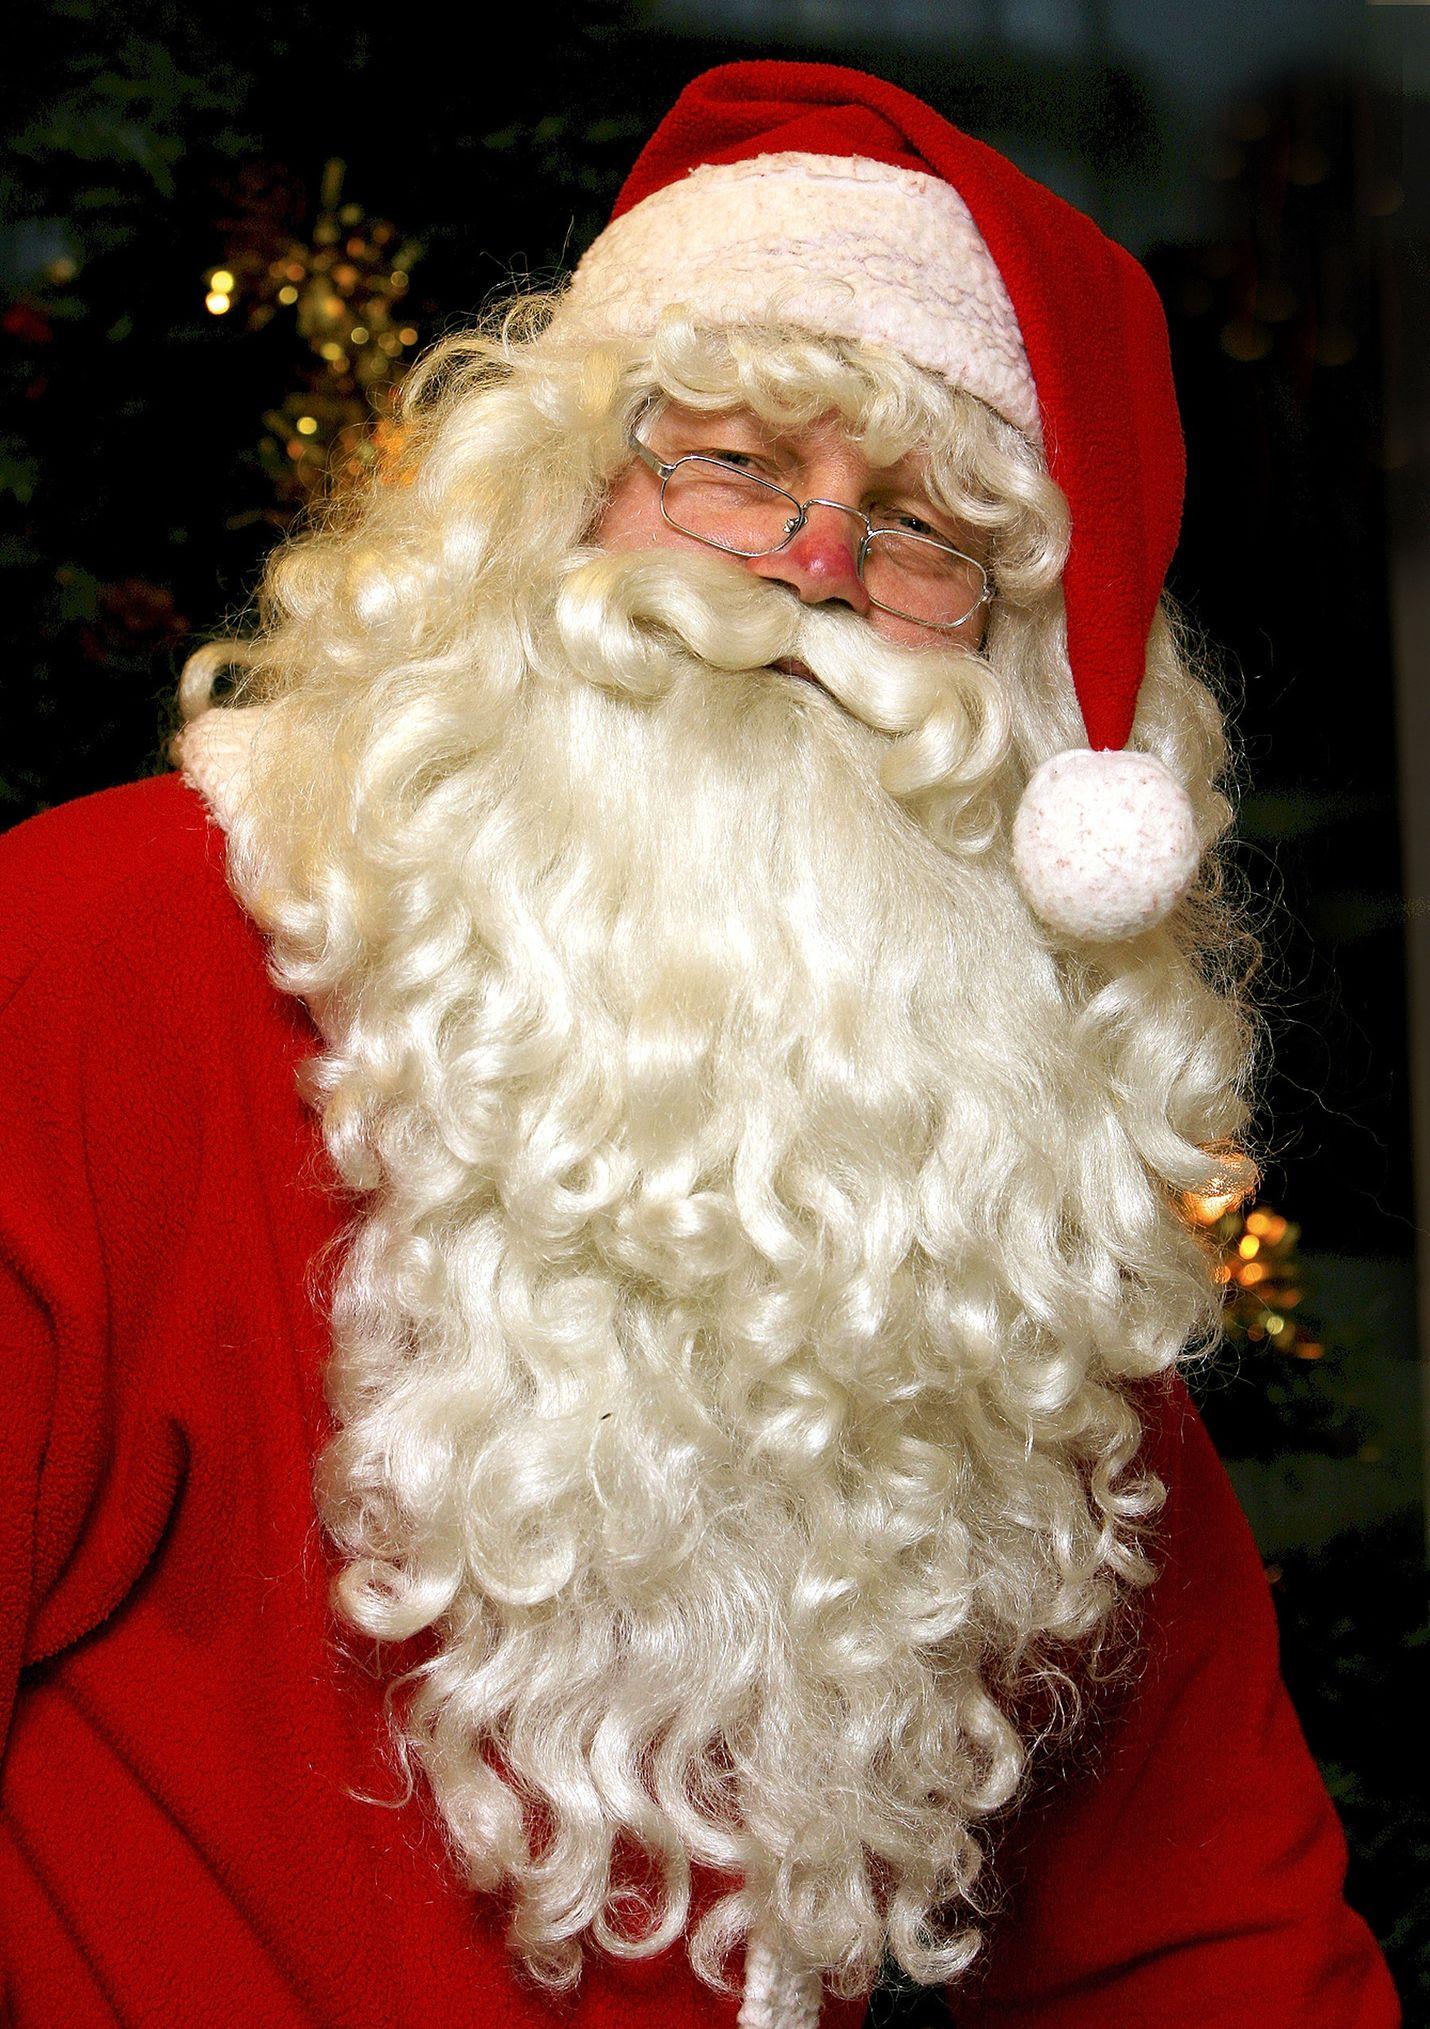 Hyvä paha joulupukki – pukkien nykyinen sukupolvi on sisäsiisti